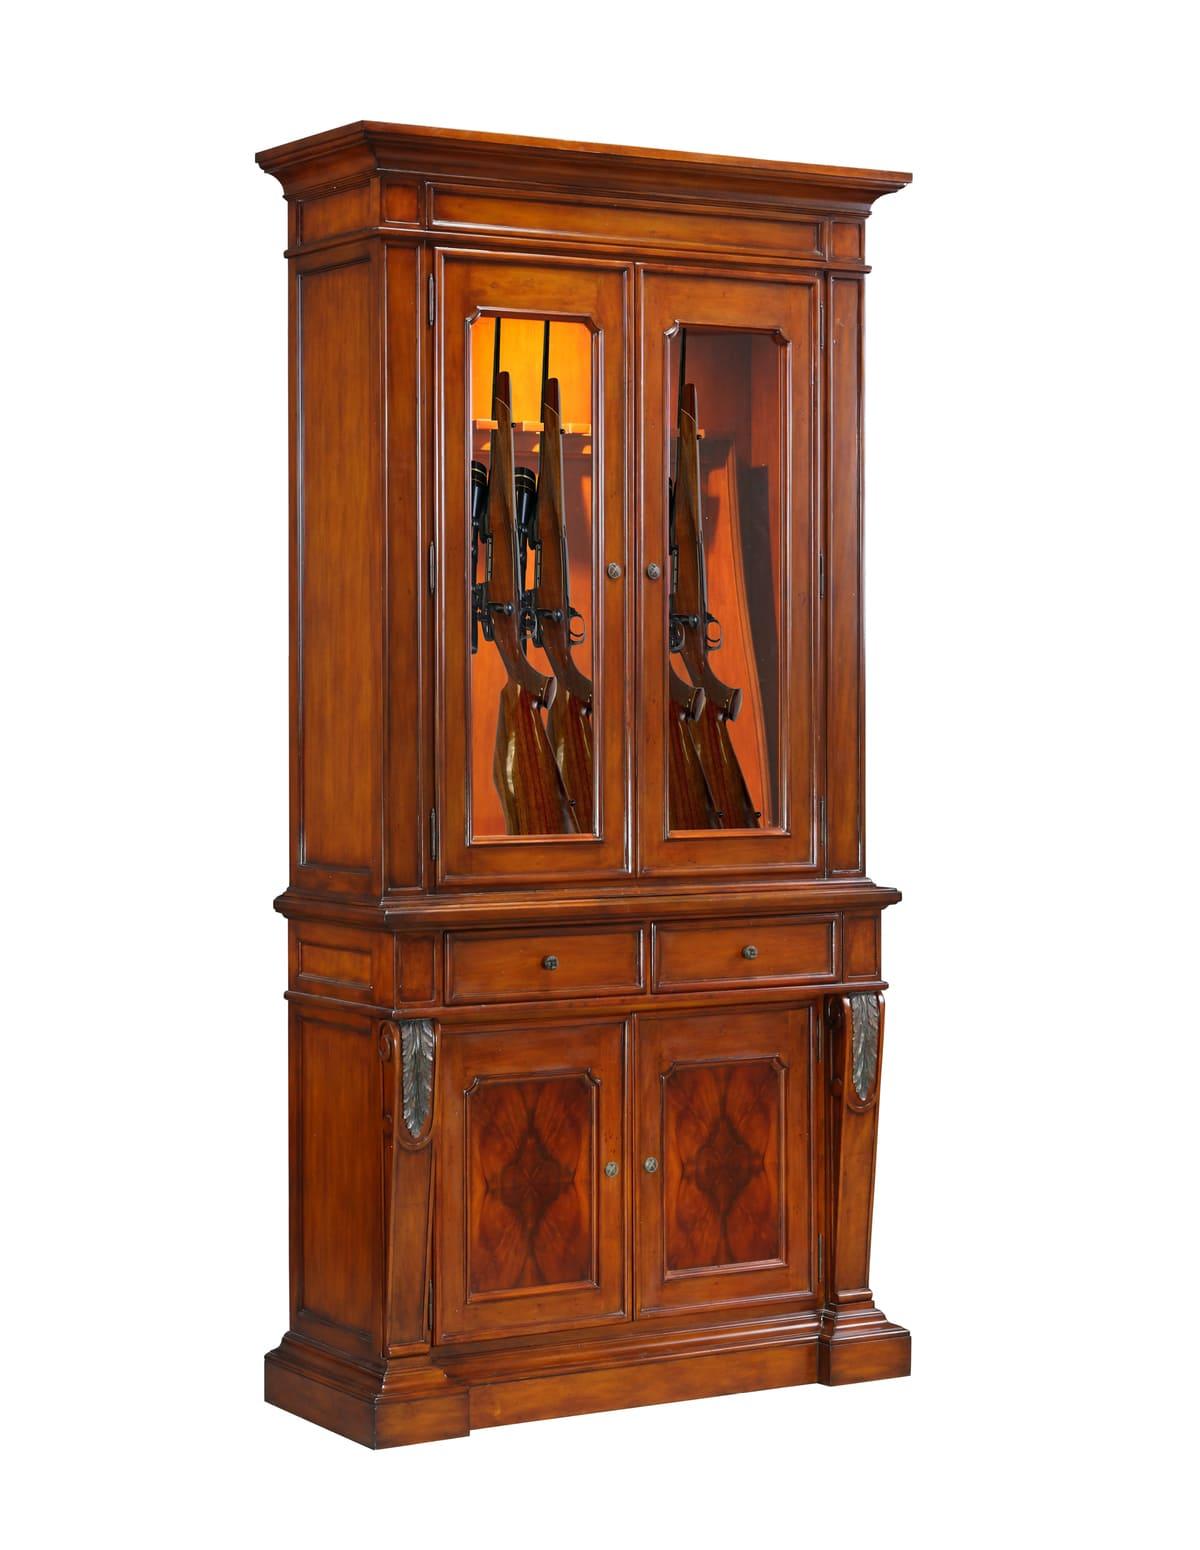 Bespoke Gun Cabinet Company. Bench Seat Gun Cabinet The